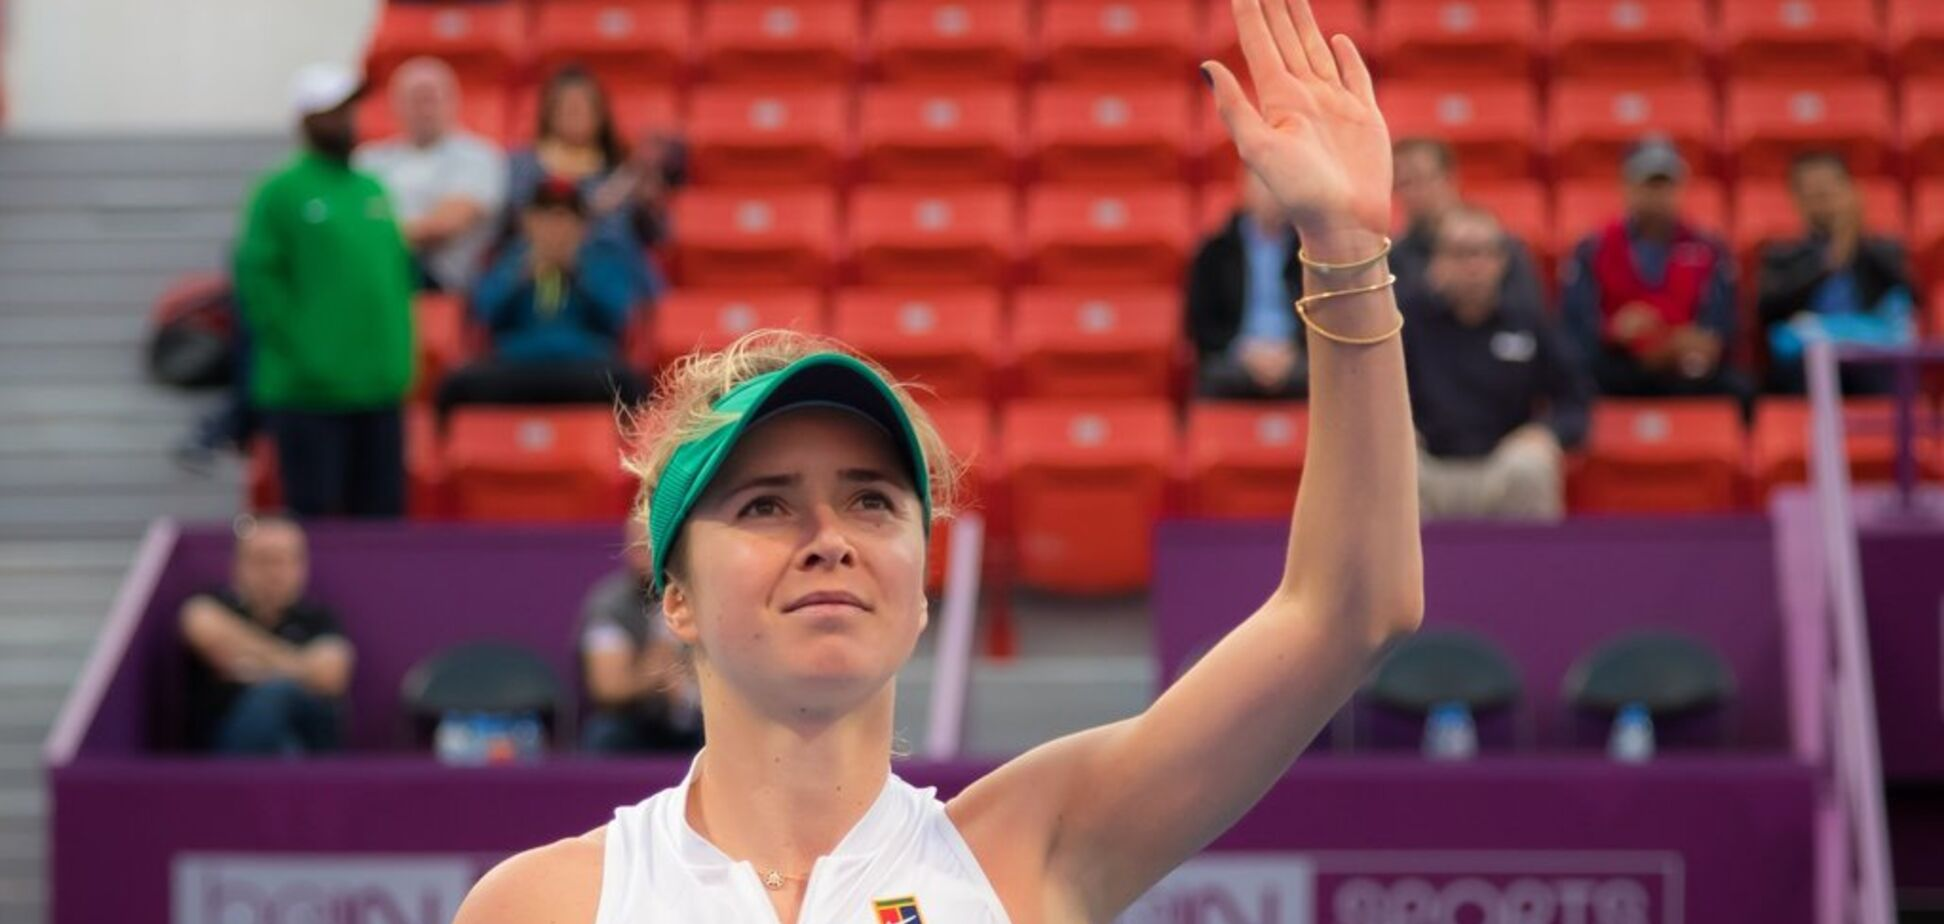 Свитолина феерично пробилась в полуфинал престижного турнира в Дохе